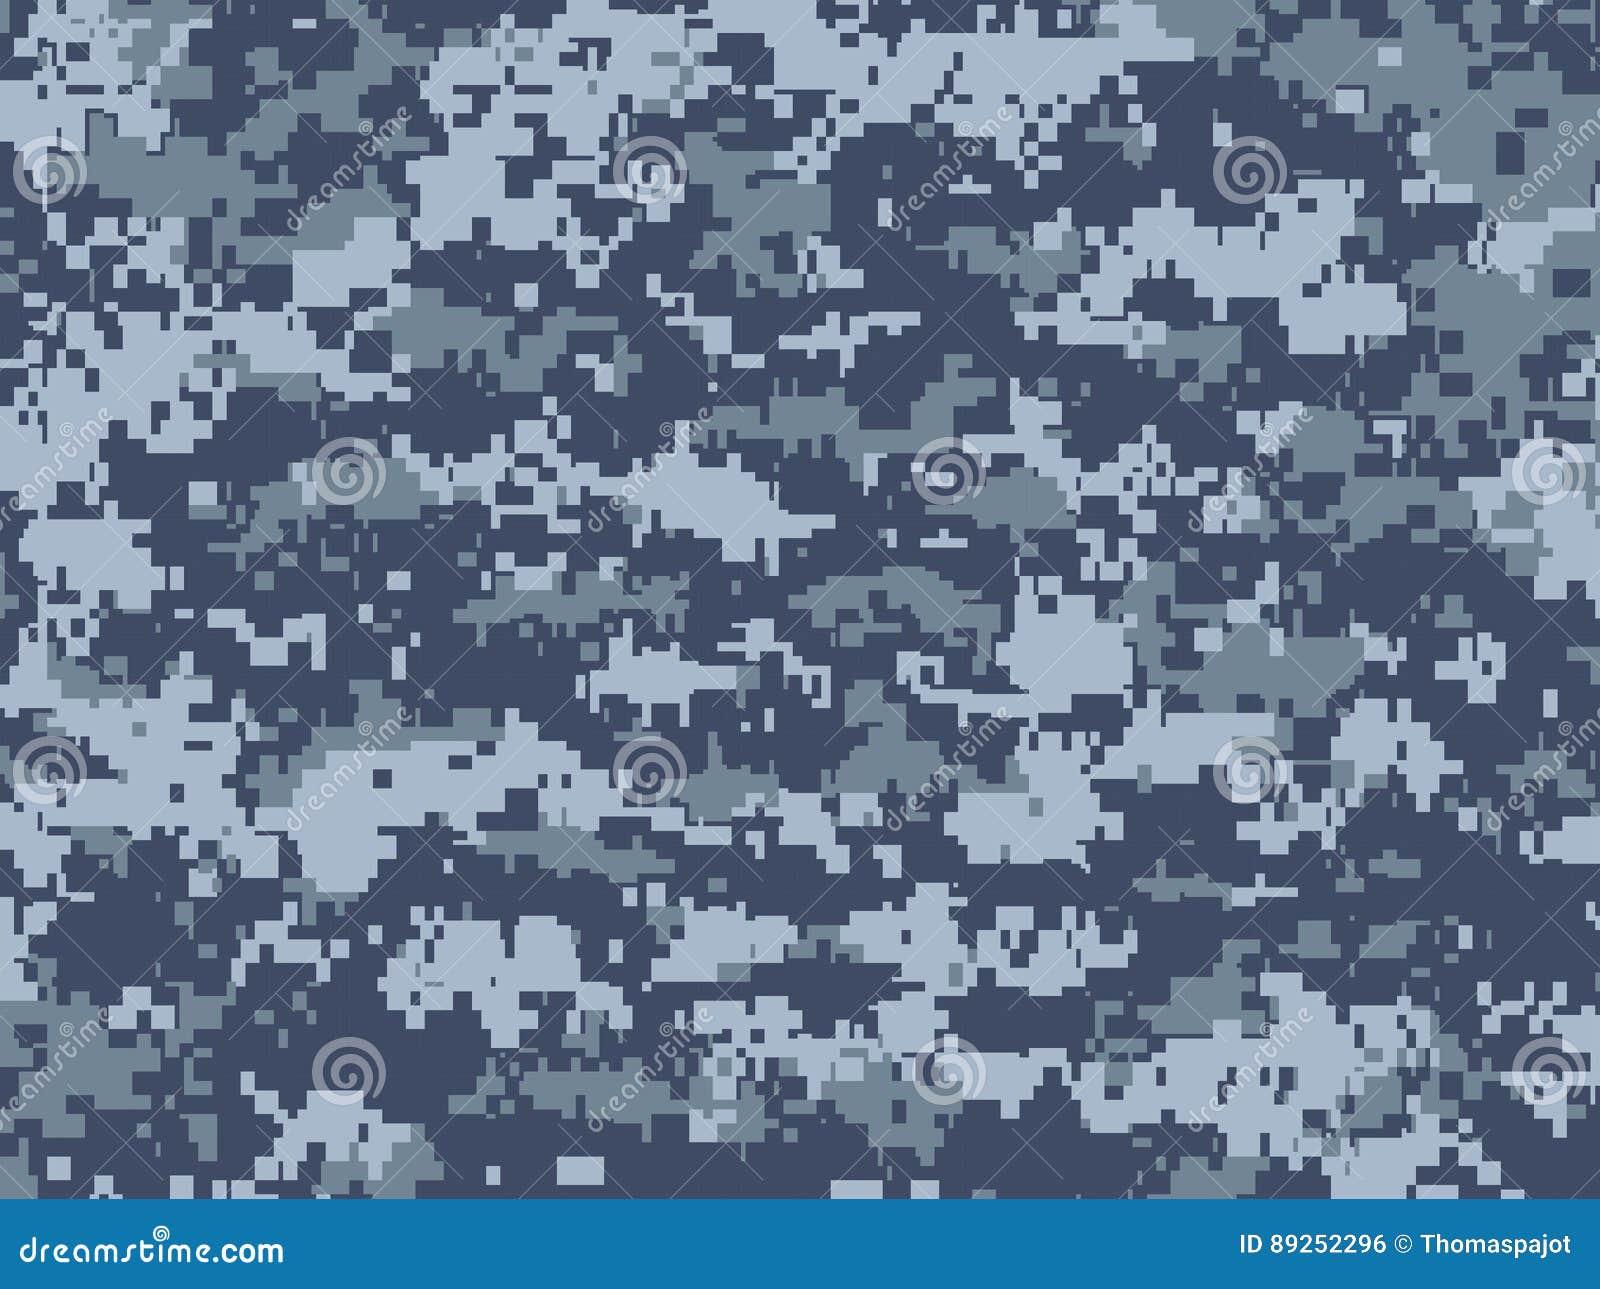 Camuflaje Azul De Los Pixeles Ilustración del Vector - Ilustración ...